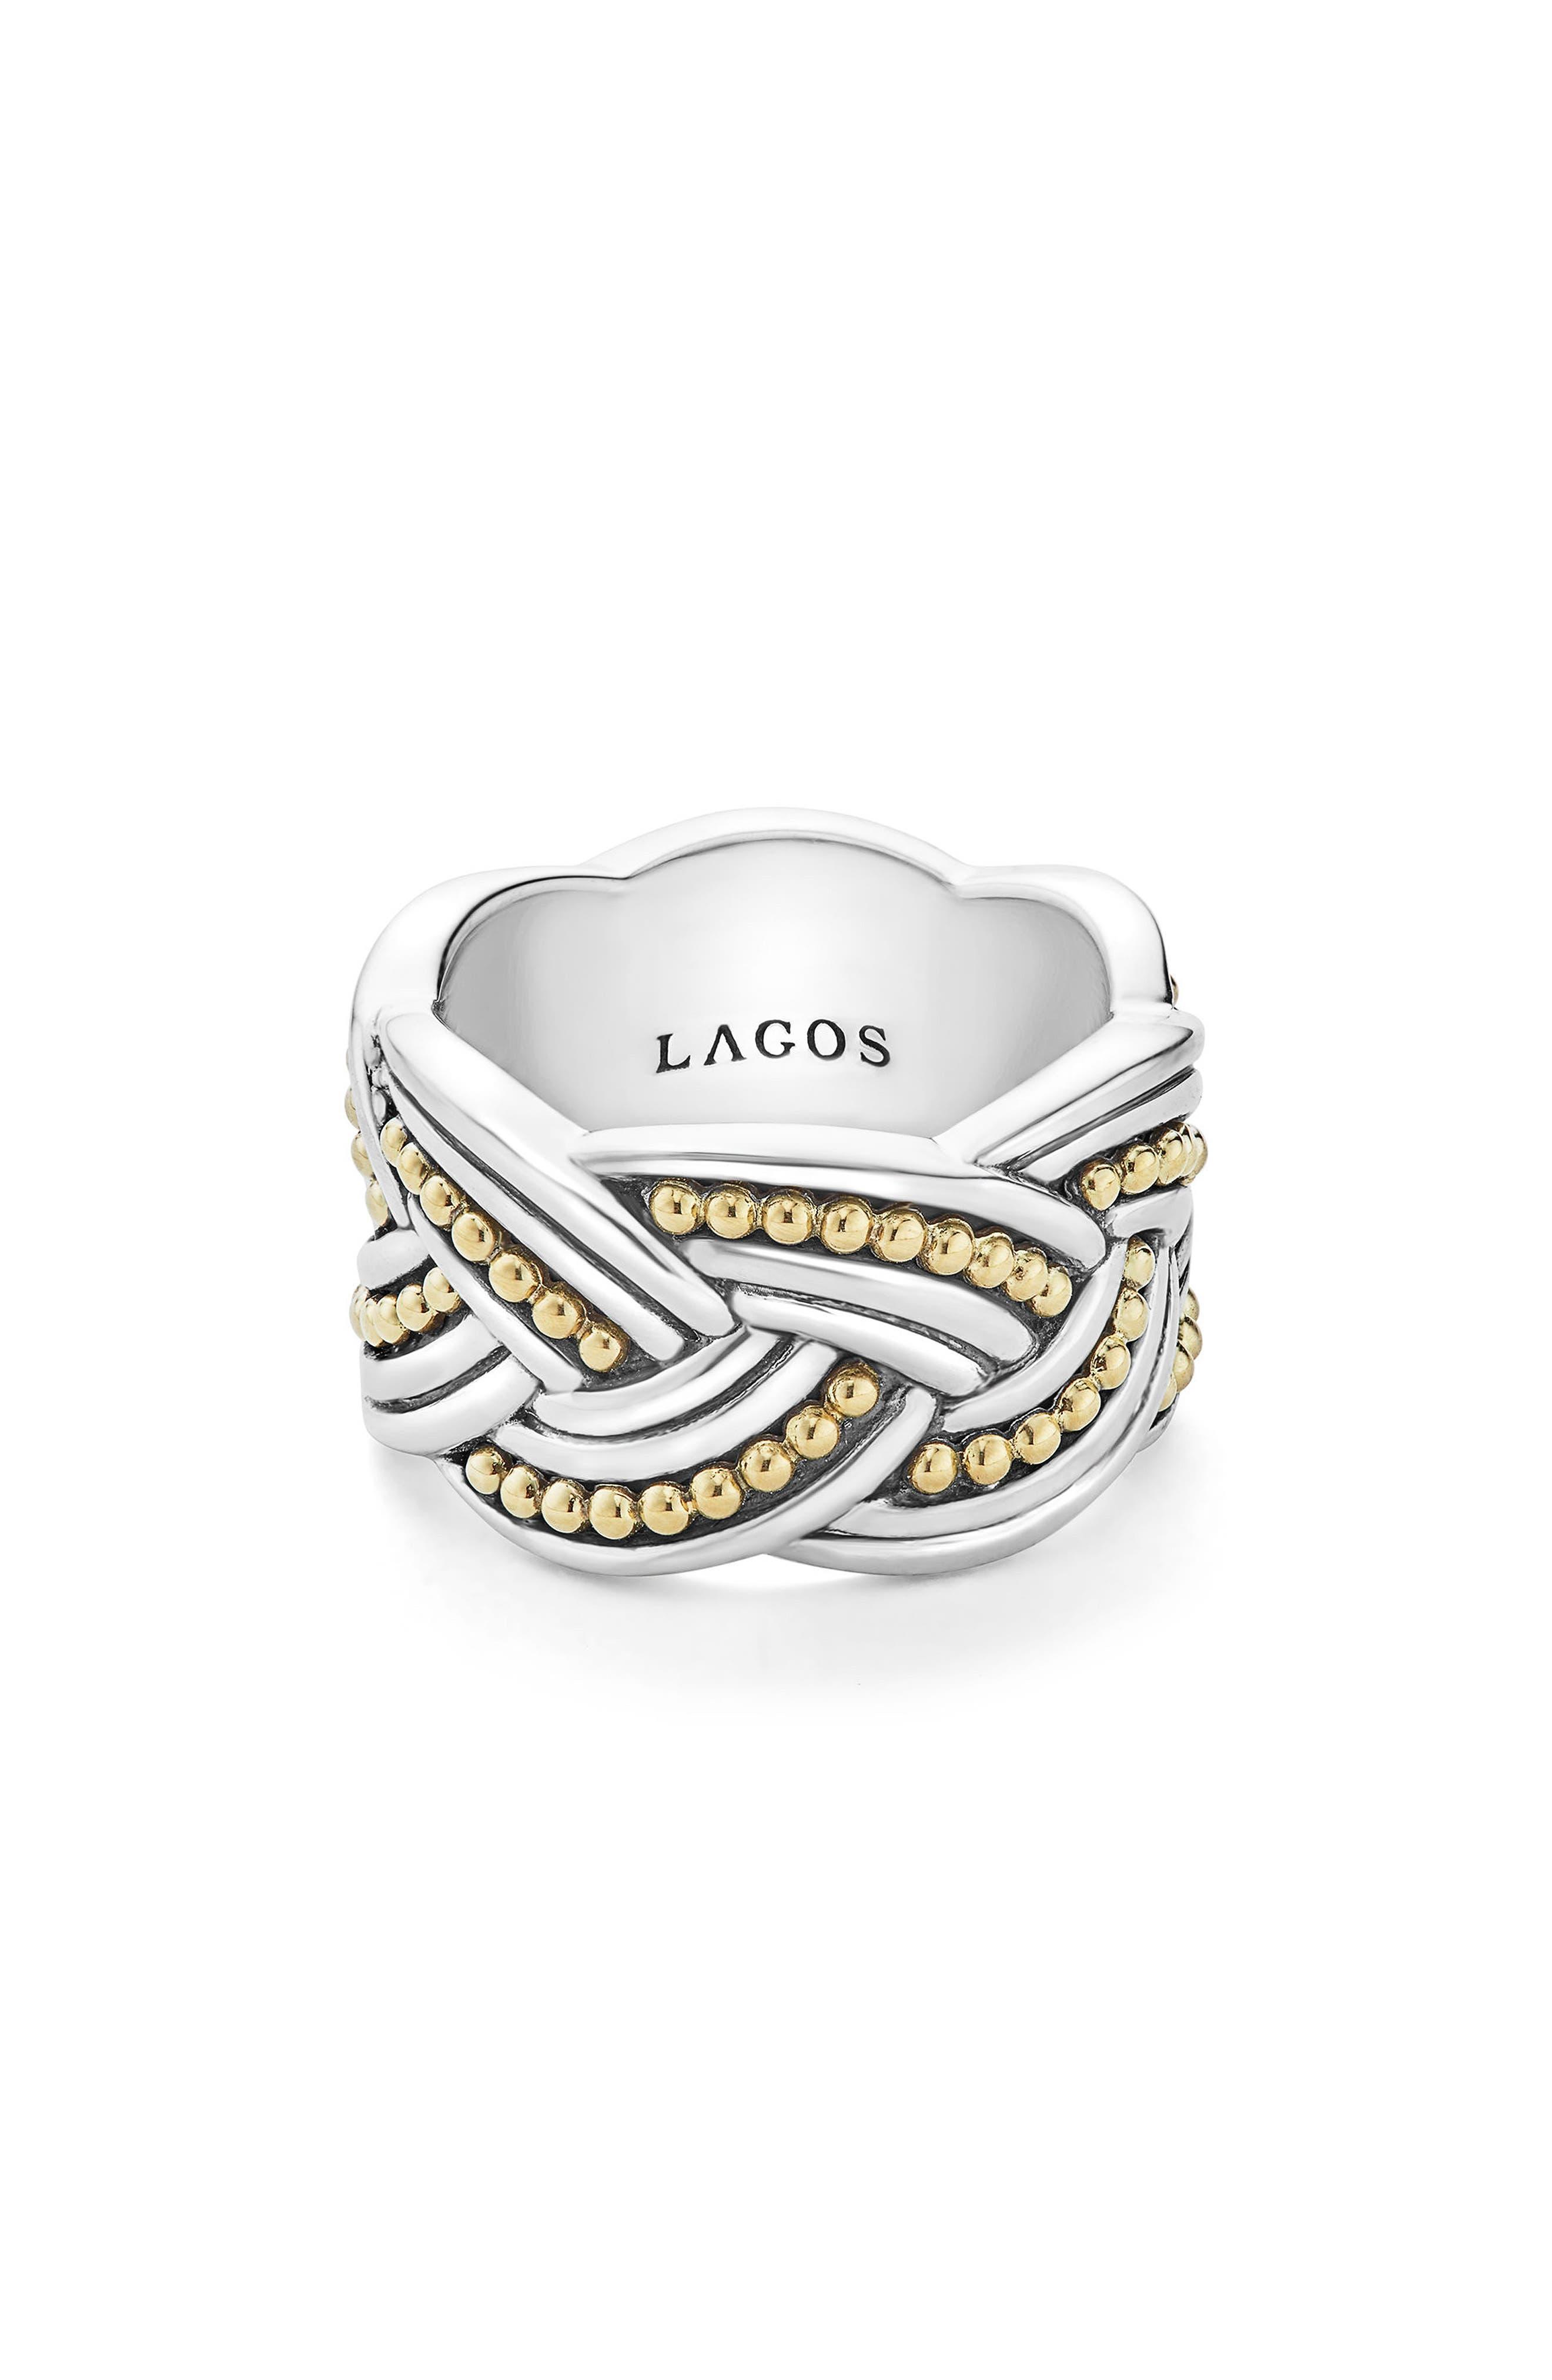 Torsade Knot Ring,                             Main thumbnail 1, color,                             Silver/ Gold